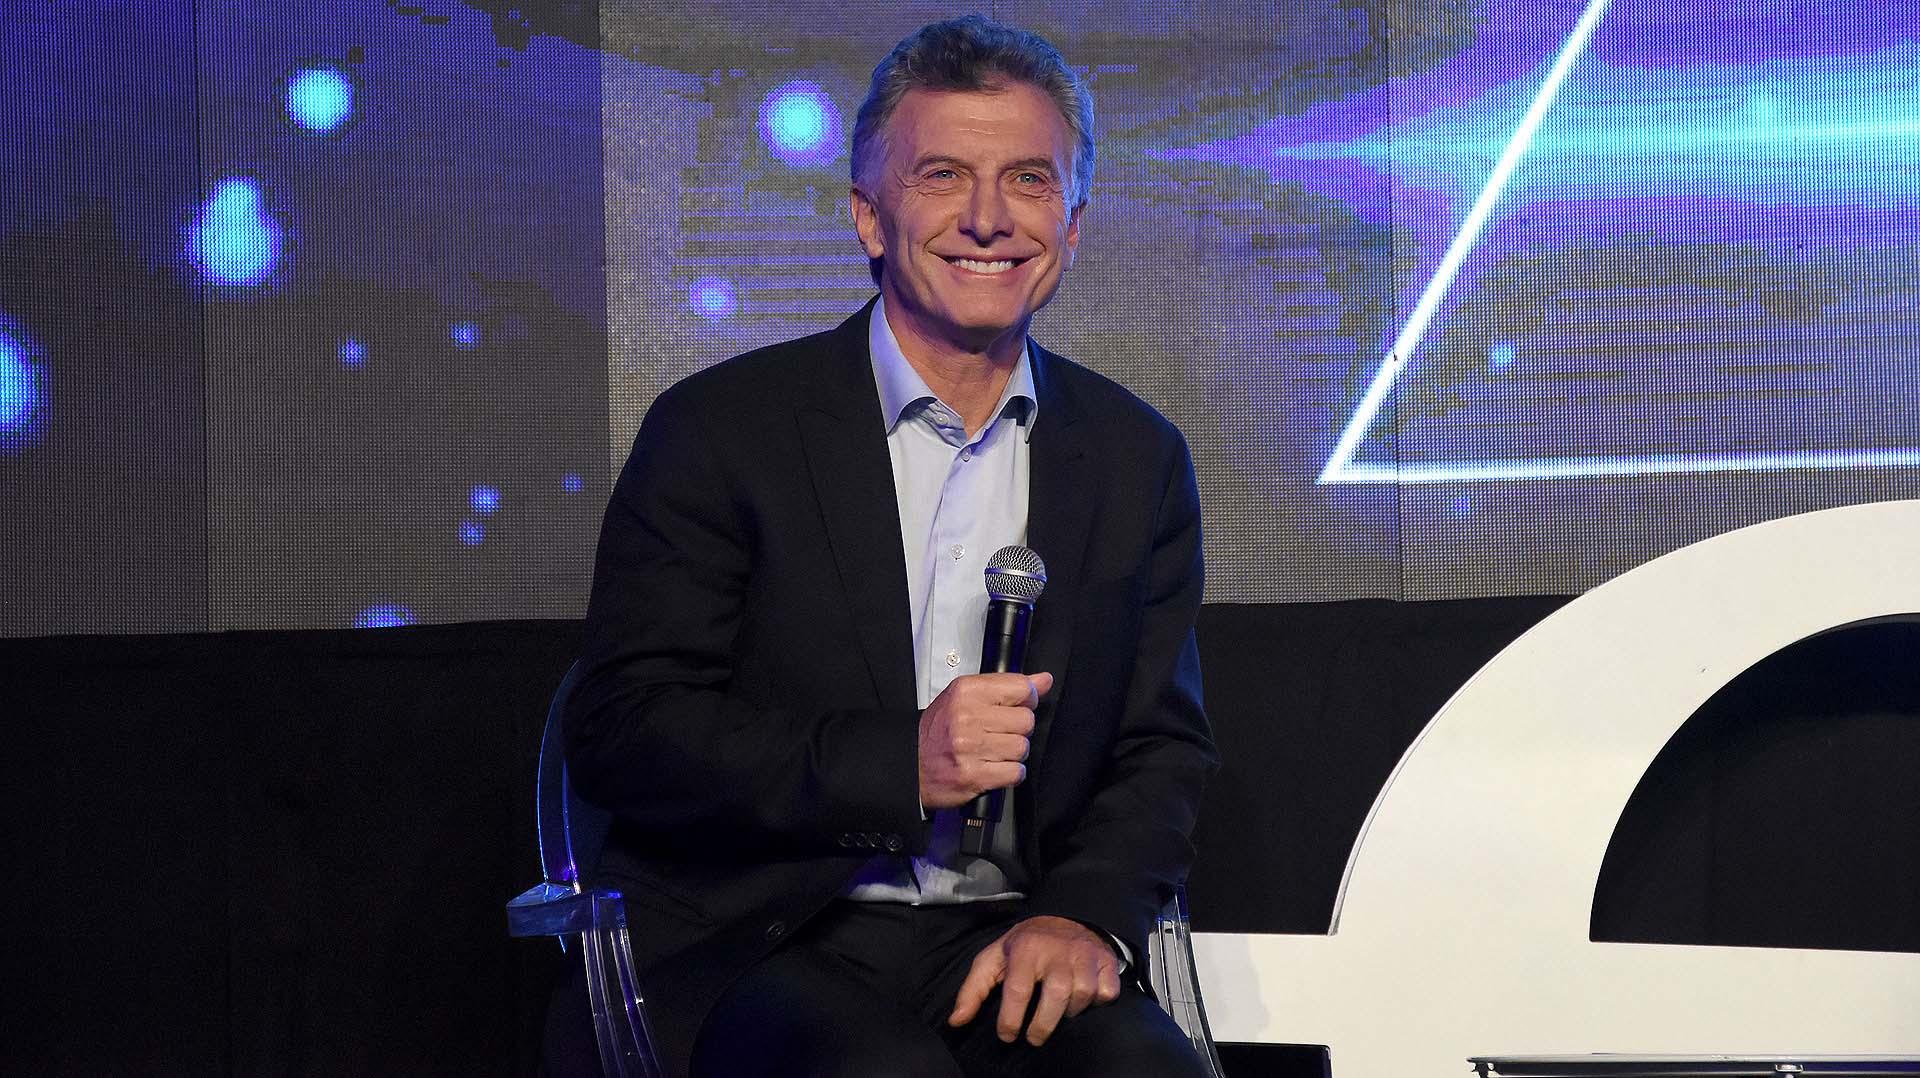 El presidente Mauricio Macri se refirió al emprendedurismo en la Argentina